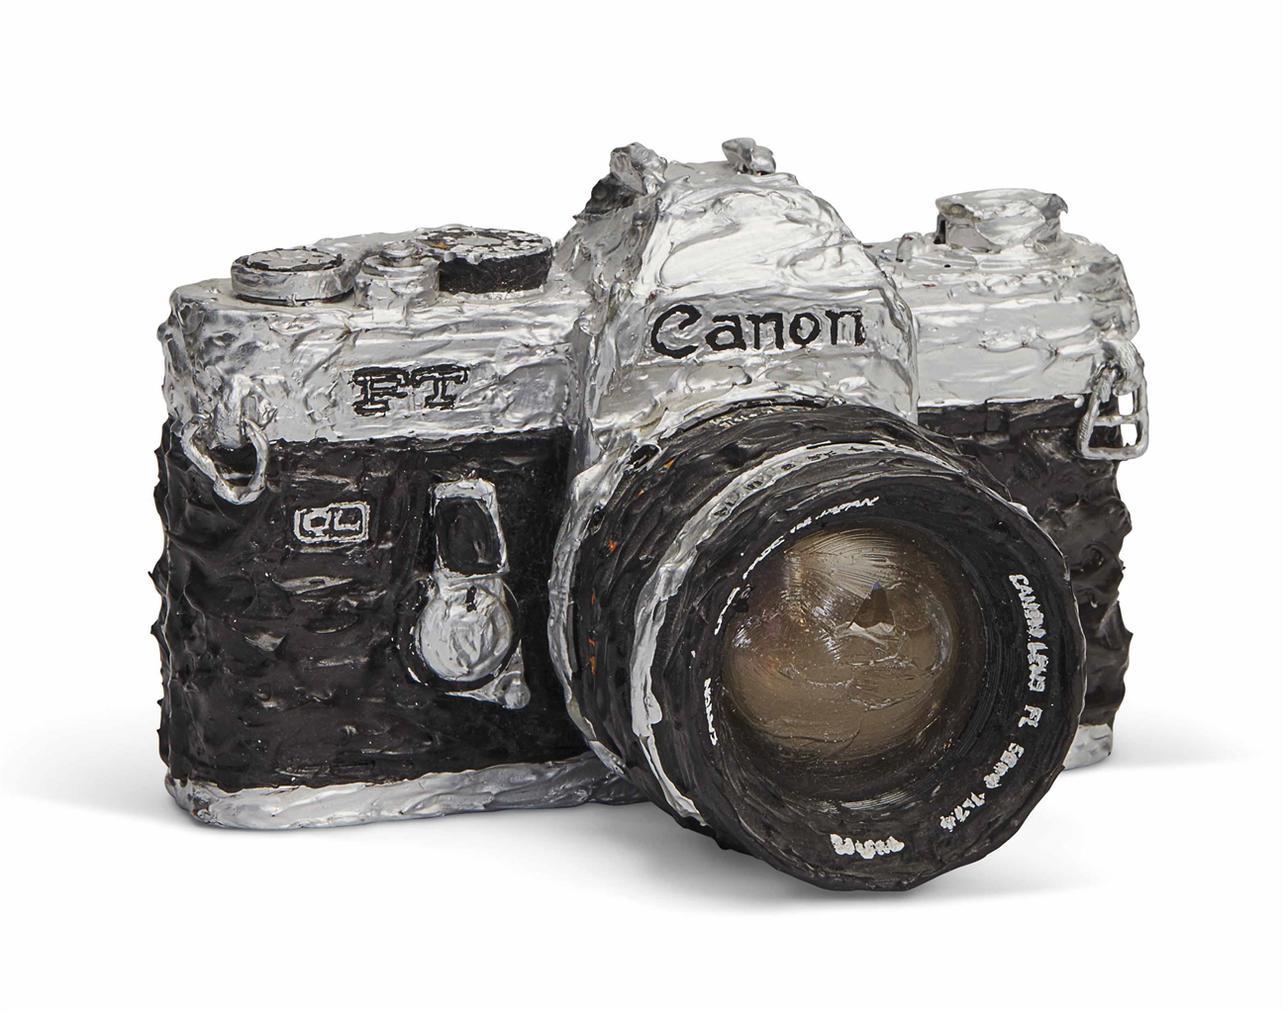 Bertrand Lavier-Canon-1981